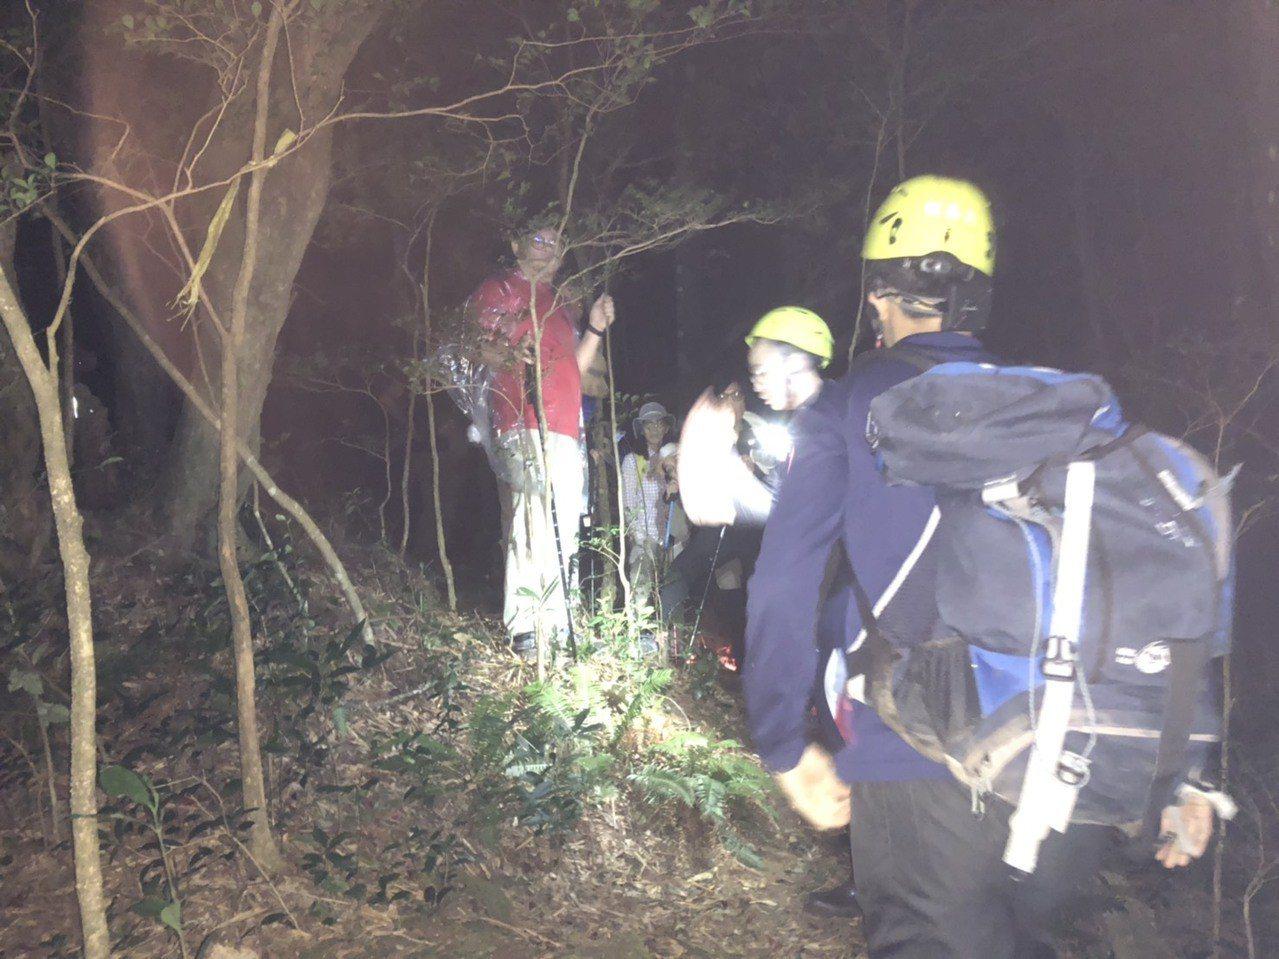 21名民眾今天受困在竹縣山區,並且報警求救。圖/消防局提供